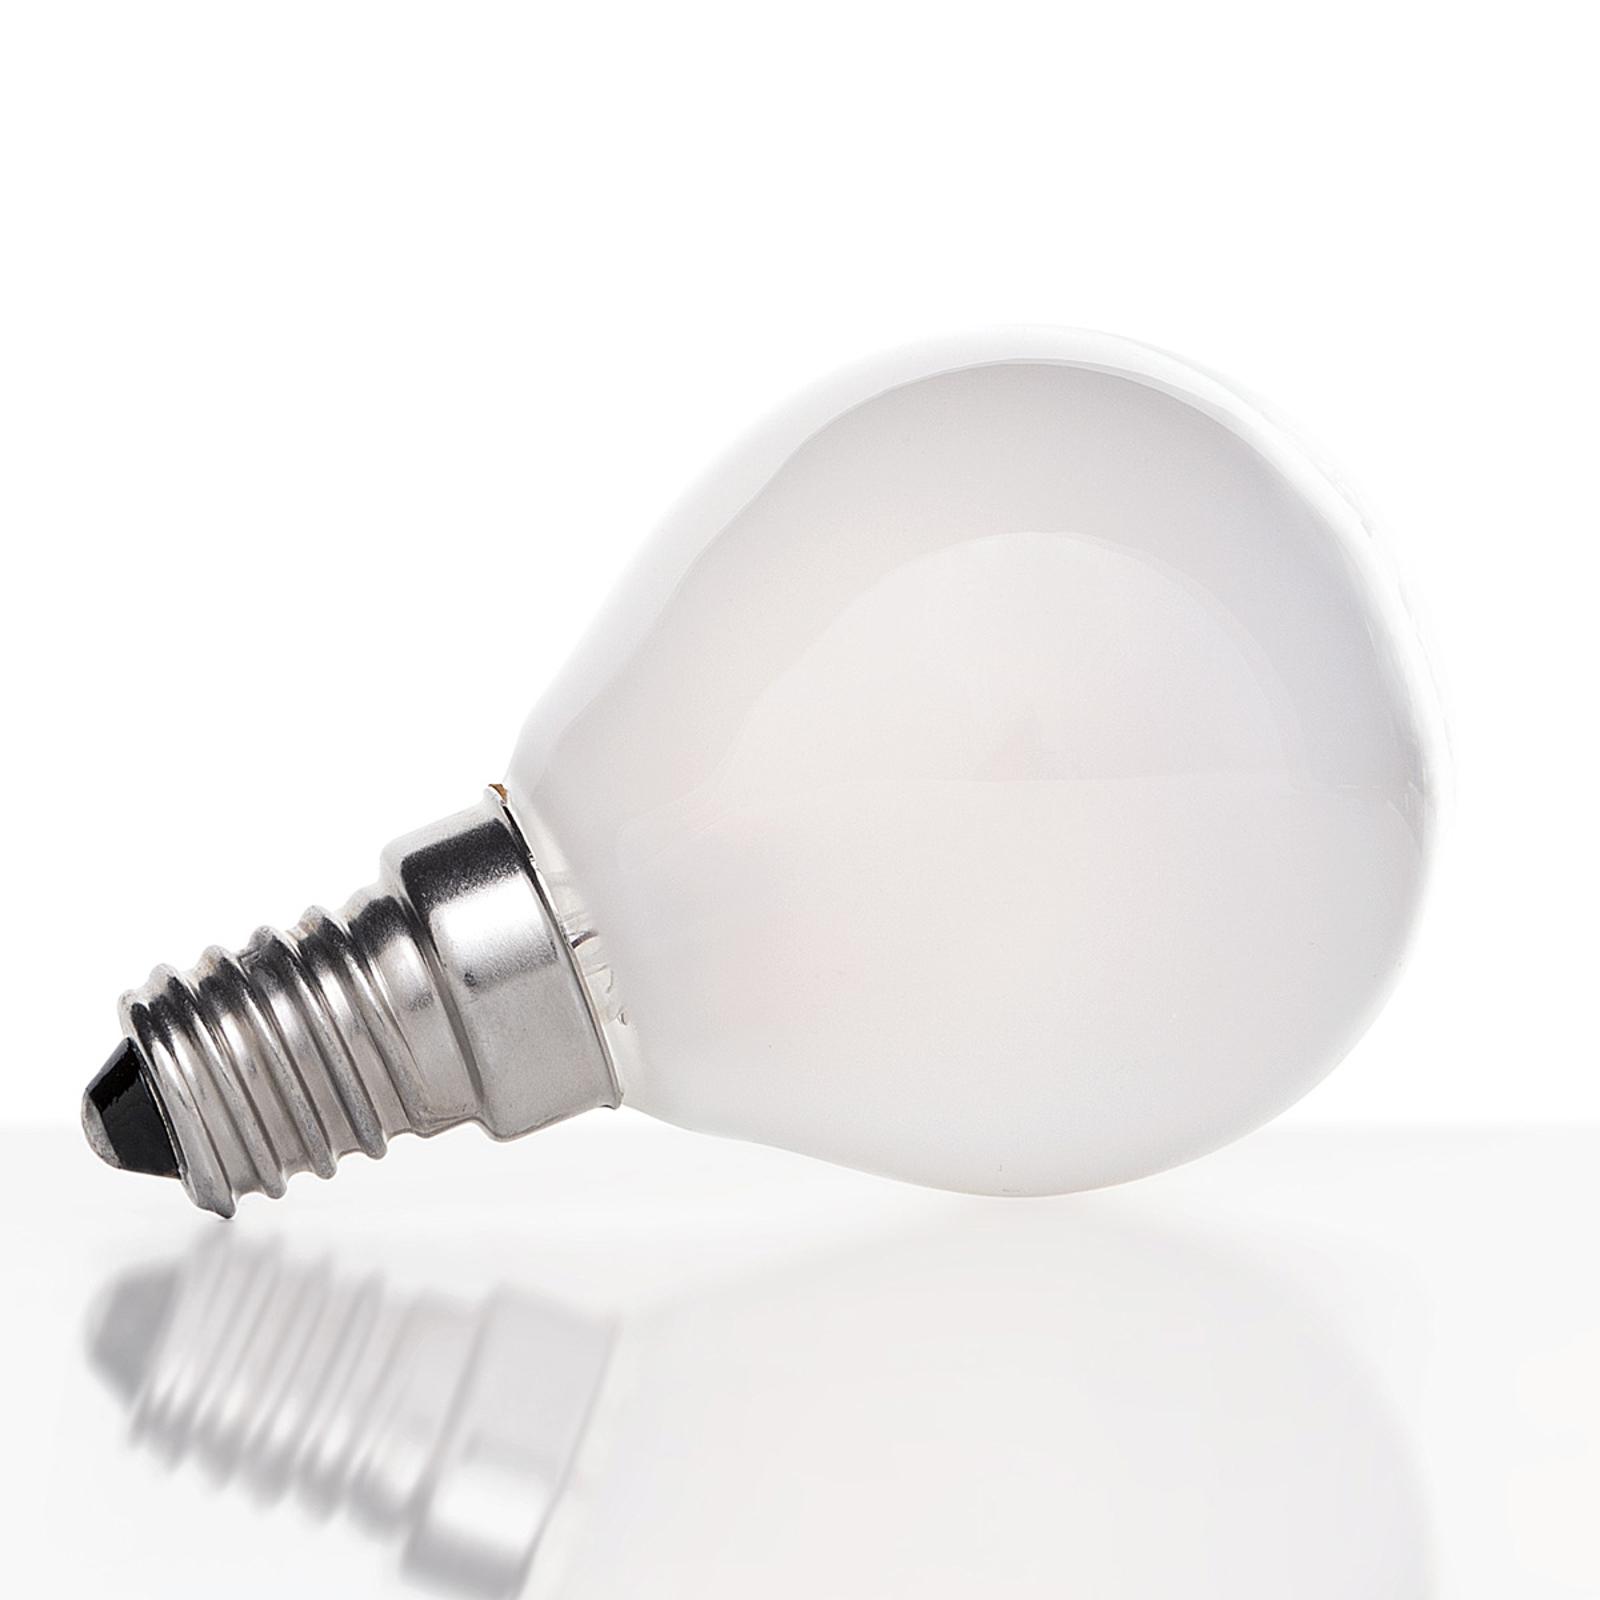 Orion E14/4W i.m. LED illu LED žárovky